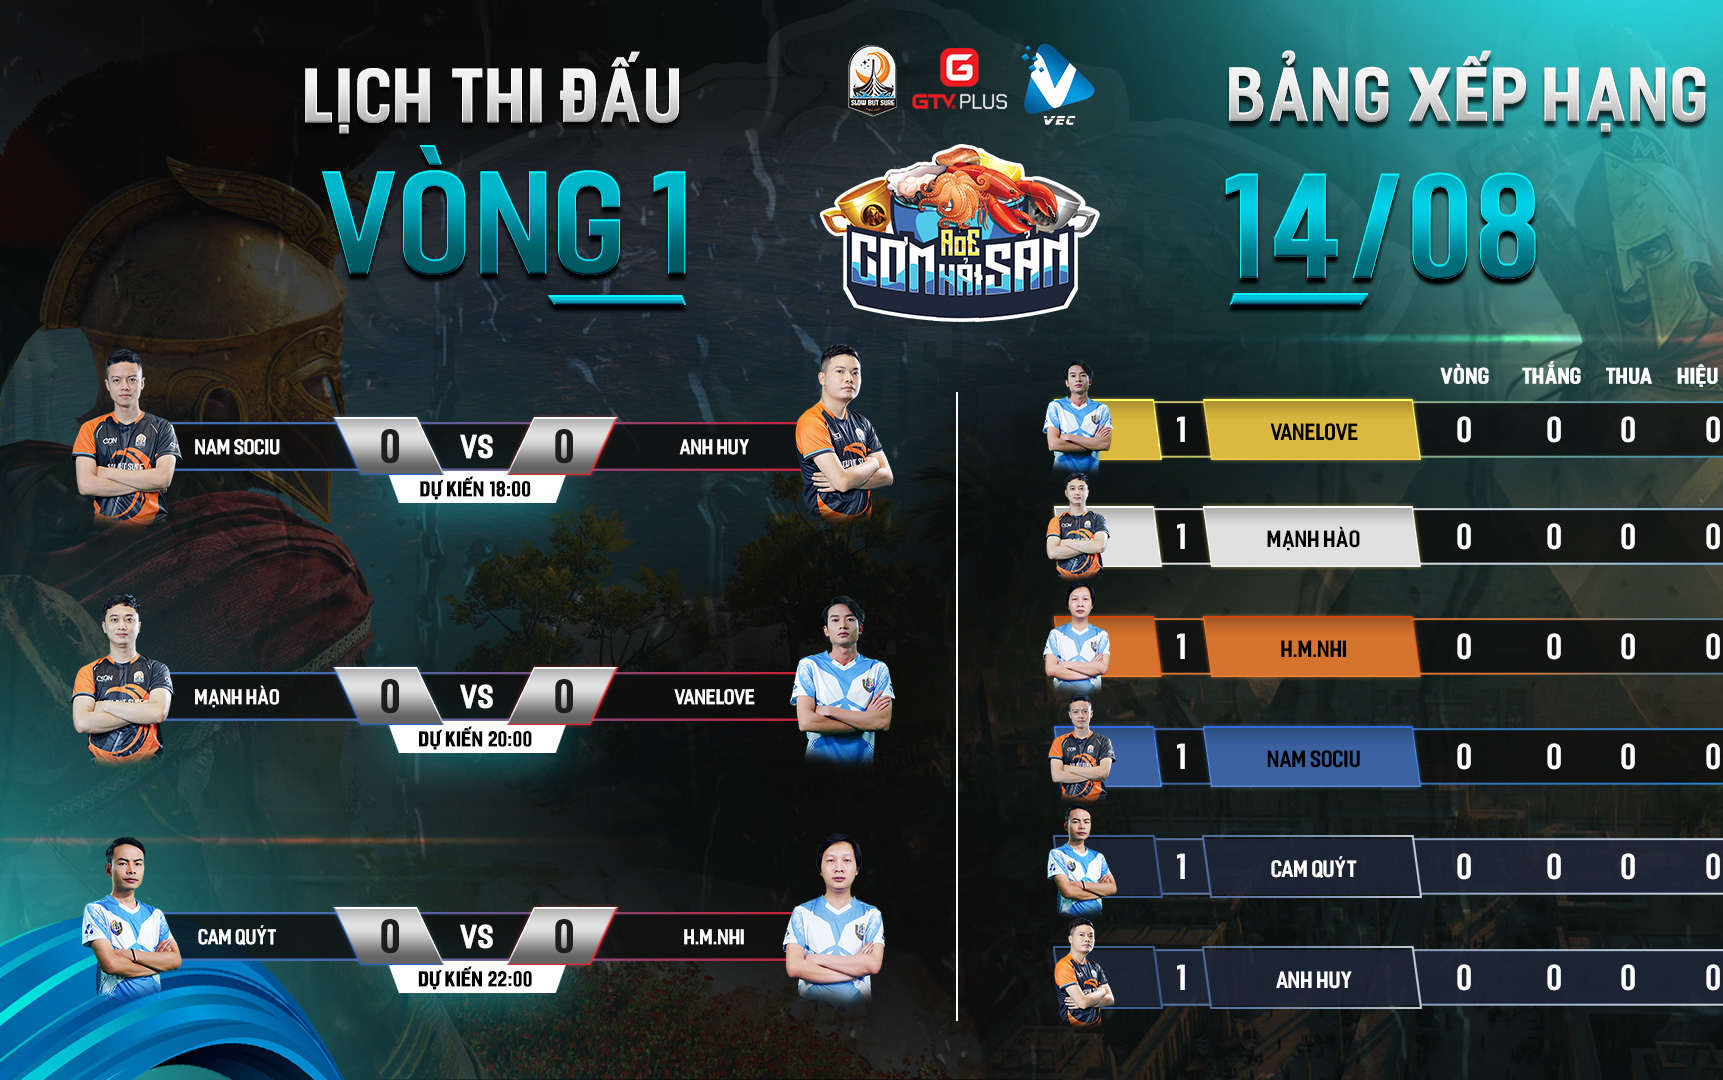 AoE Cơm Hải Sản vòng League ngày thi đấu thứ nhất: Vanelove vs Mạnh Hào - Cuộc đối đầu của hai cái tên cá tính